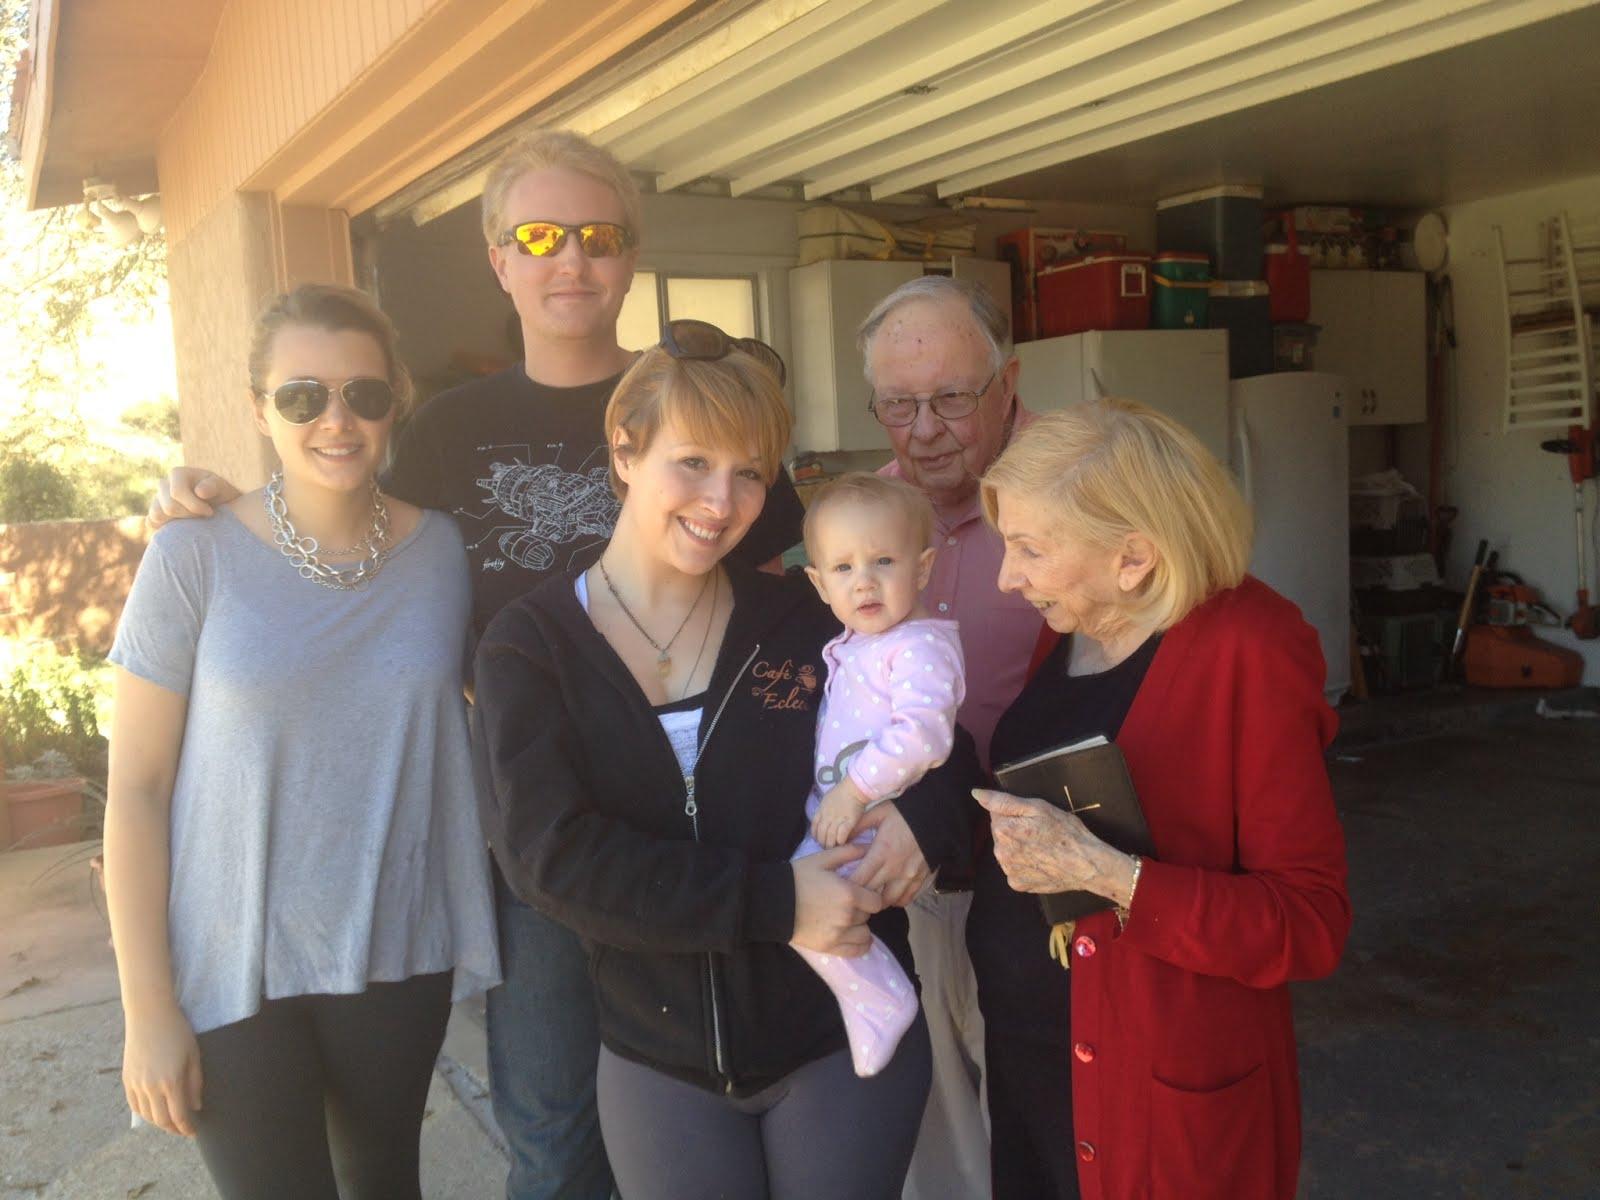 Rachel, Dustin, Laura & Cutie Catie